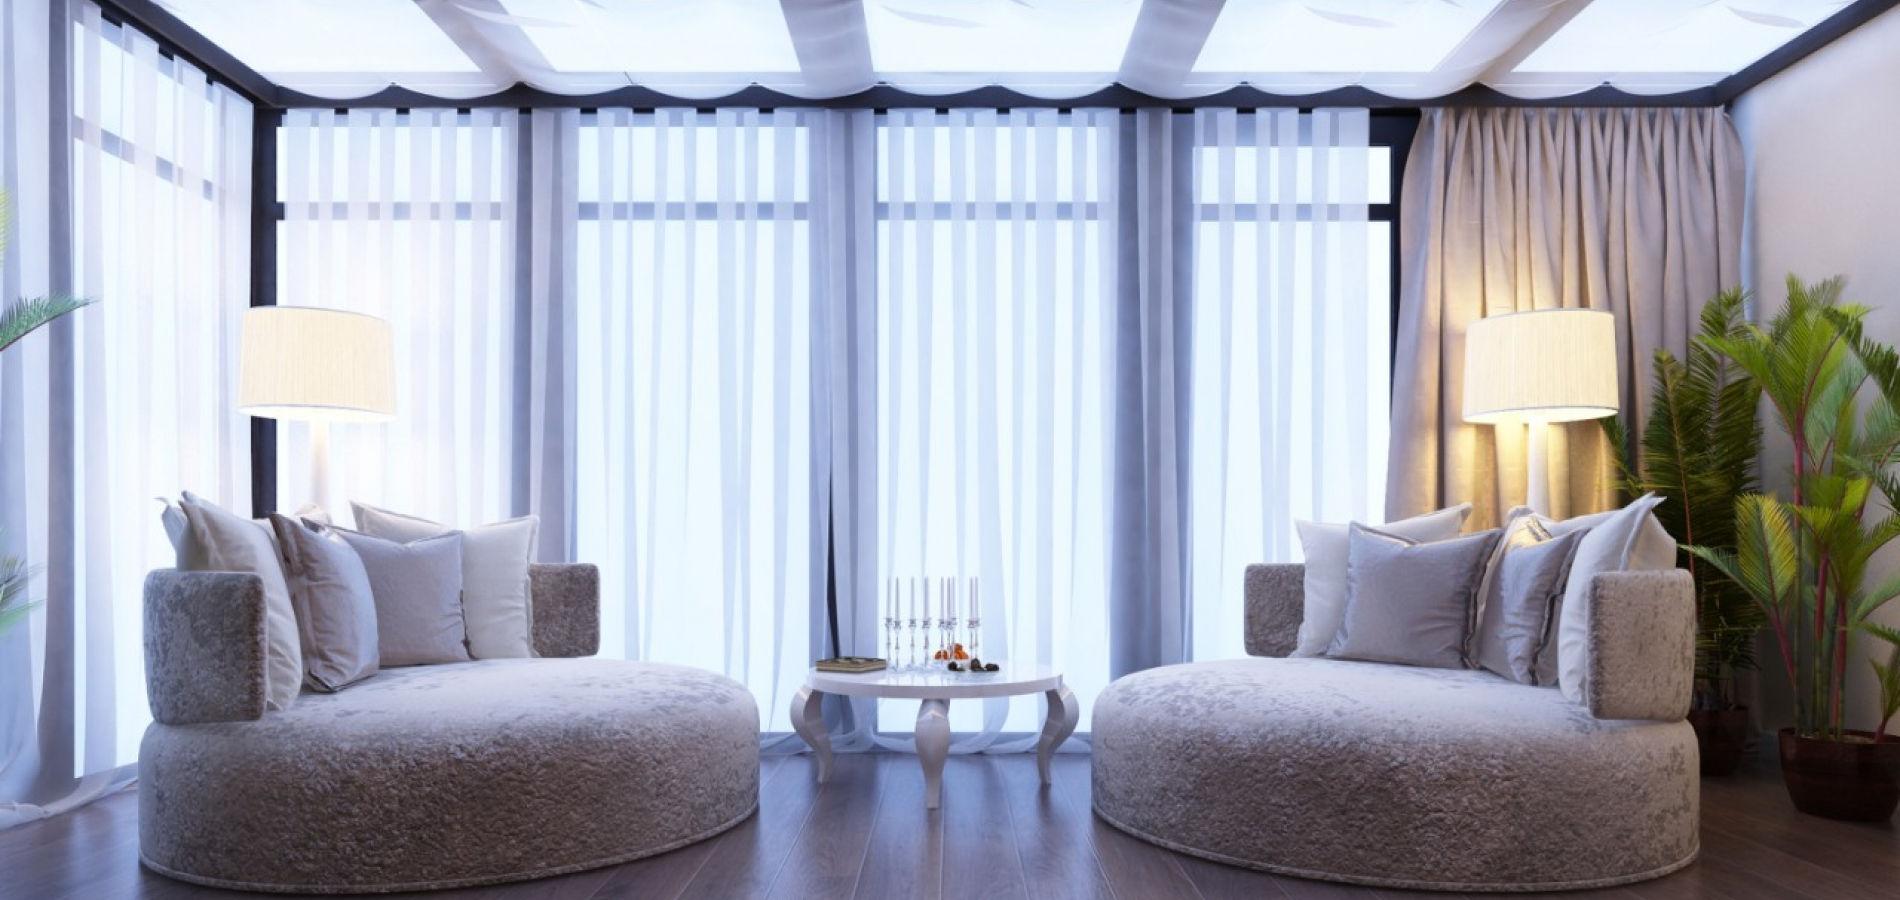 Вітальня з панорамними вікнами GH_410